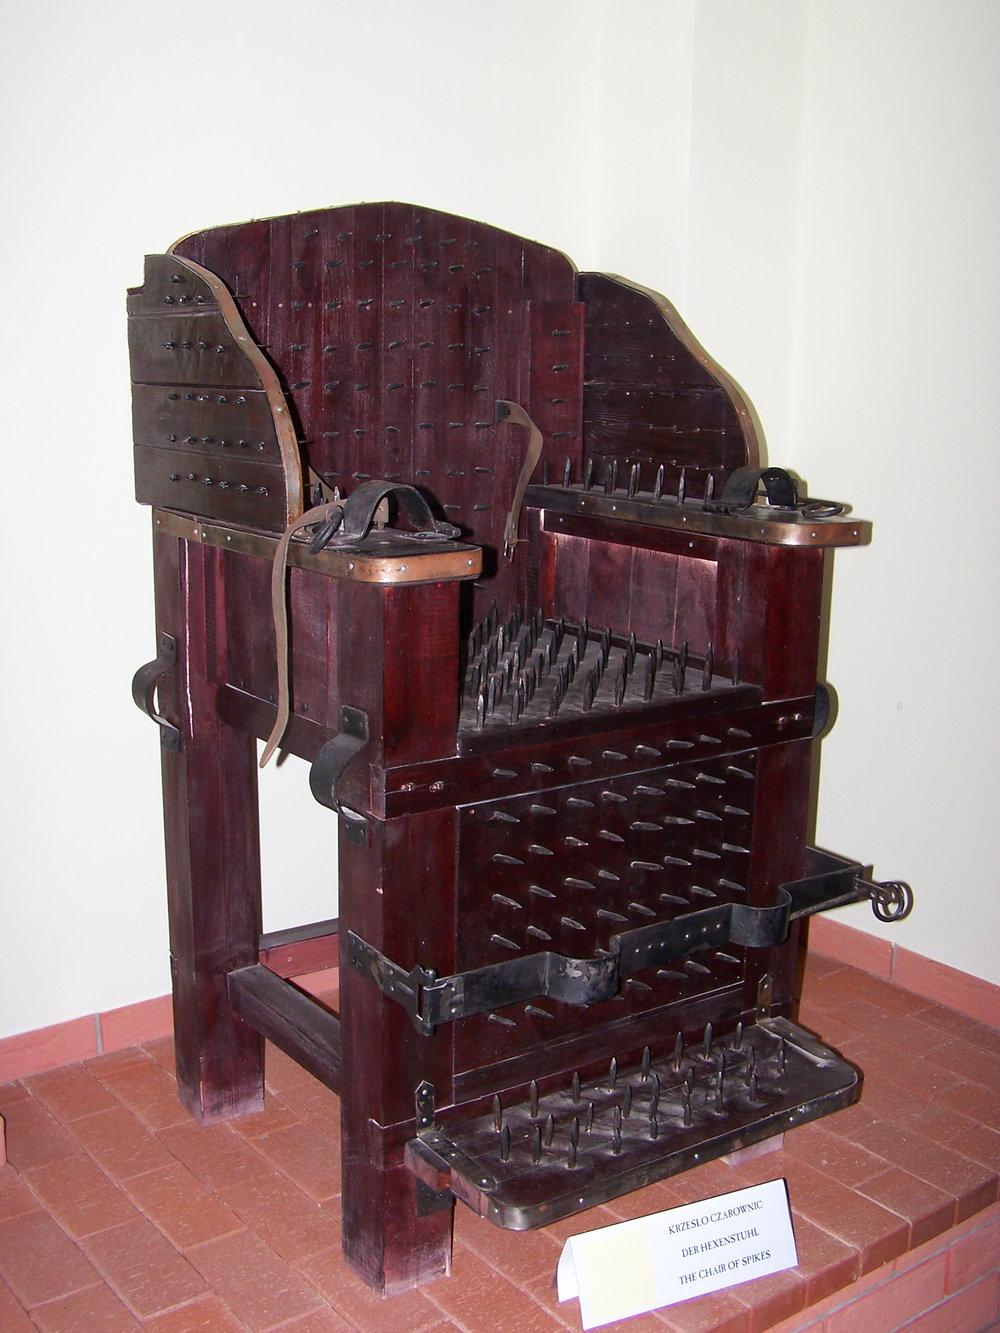 Muzeum_Ziemi_Lubuskiej_-_Muzeum_Tortur_-_Krzesło_czarownic_2.JPG